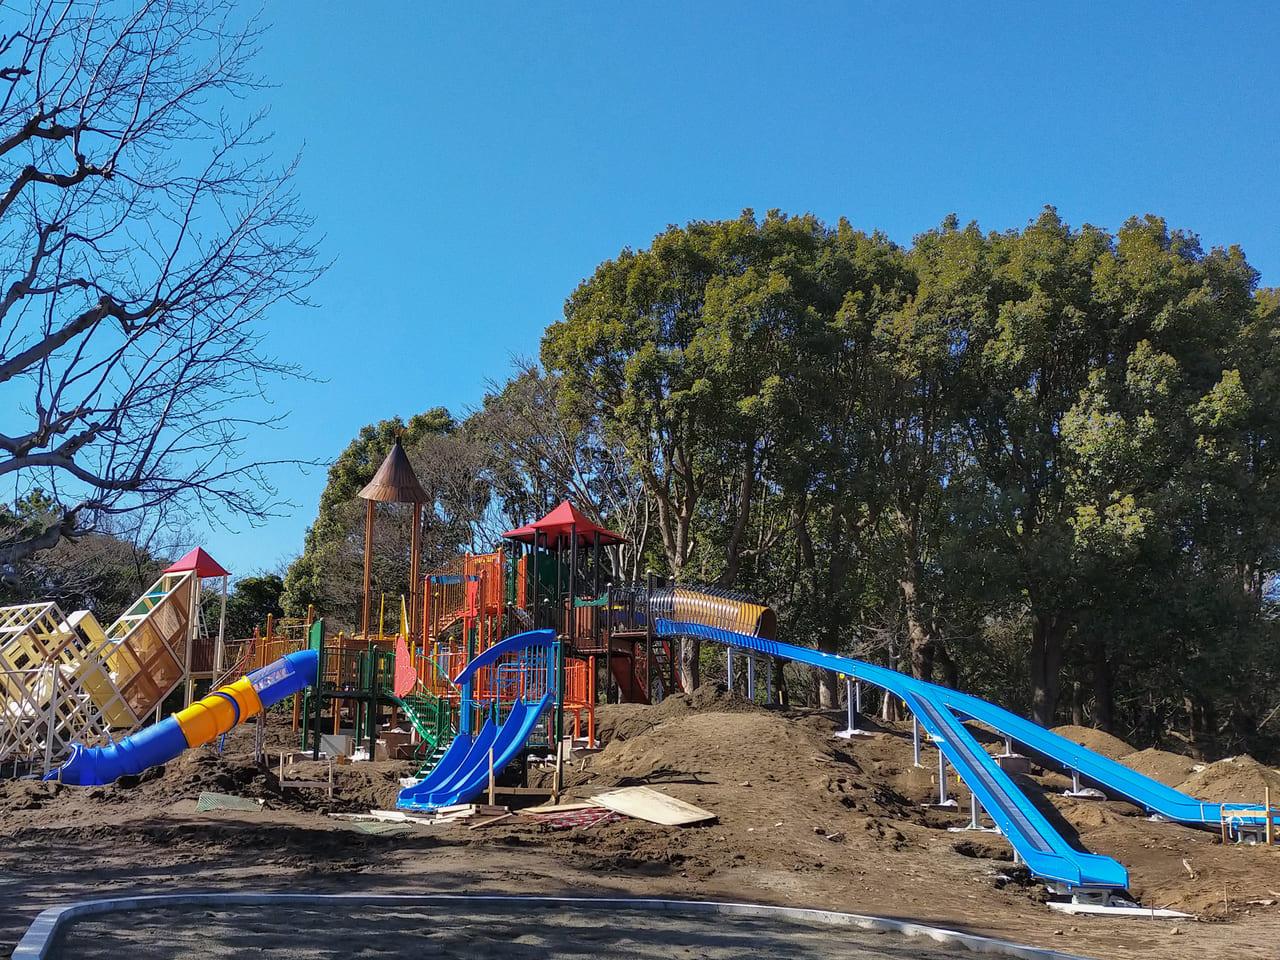 平塚市総合公園のわんぱく広場の新しい遊具がもうすぐ完成!3月頃から利用可能の見込みです。